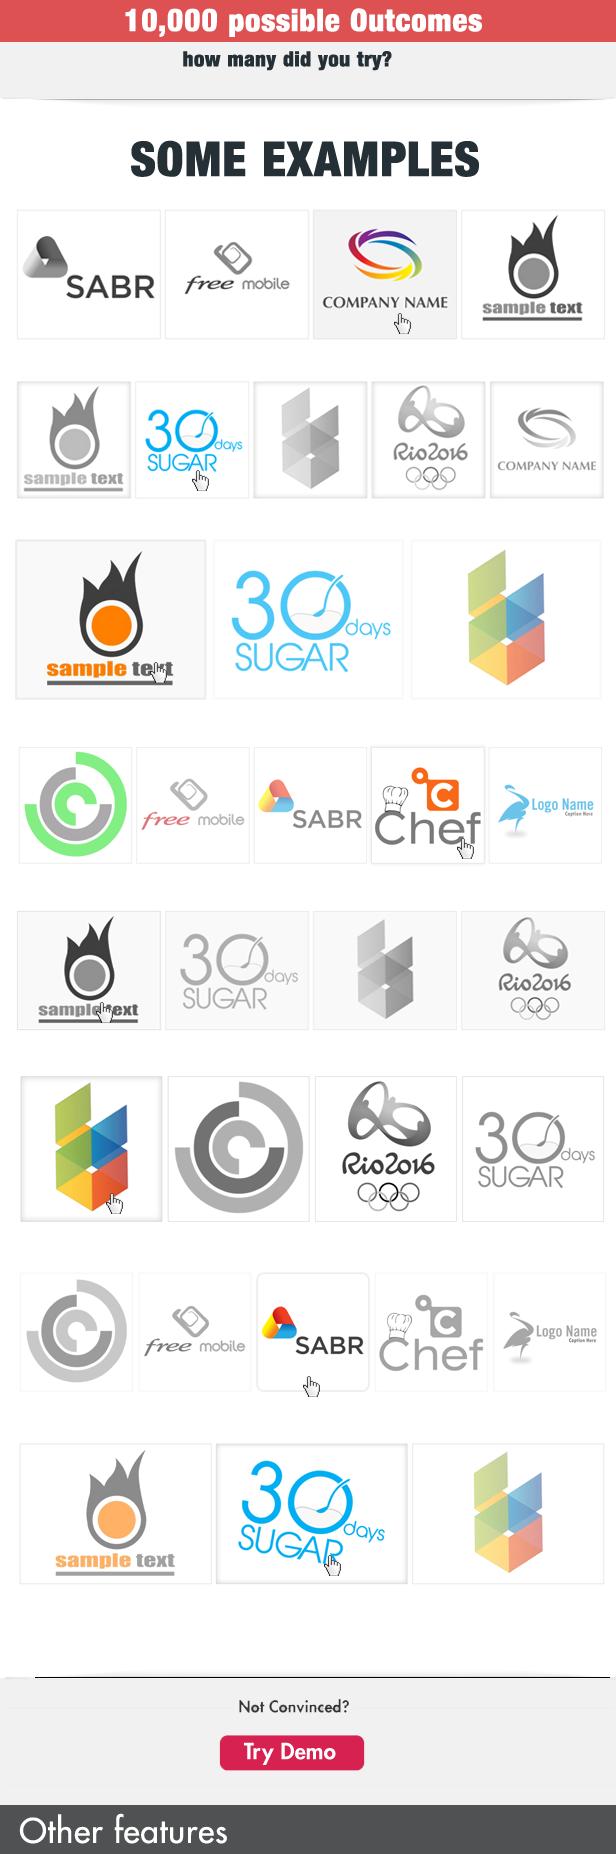 My Logos Showcase WordPress Plugin - 4